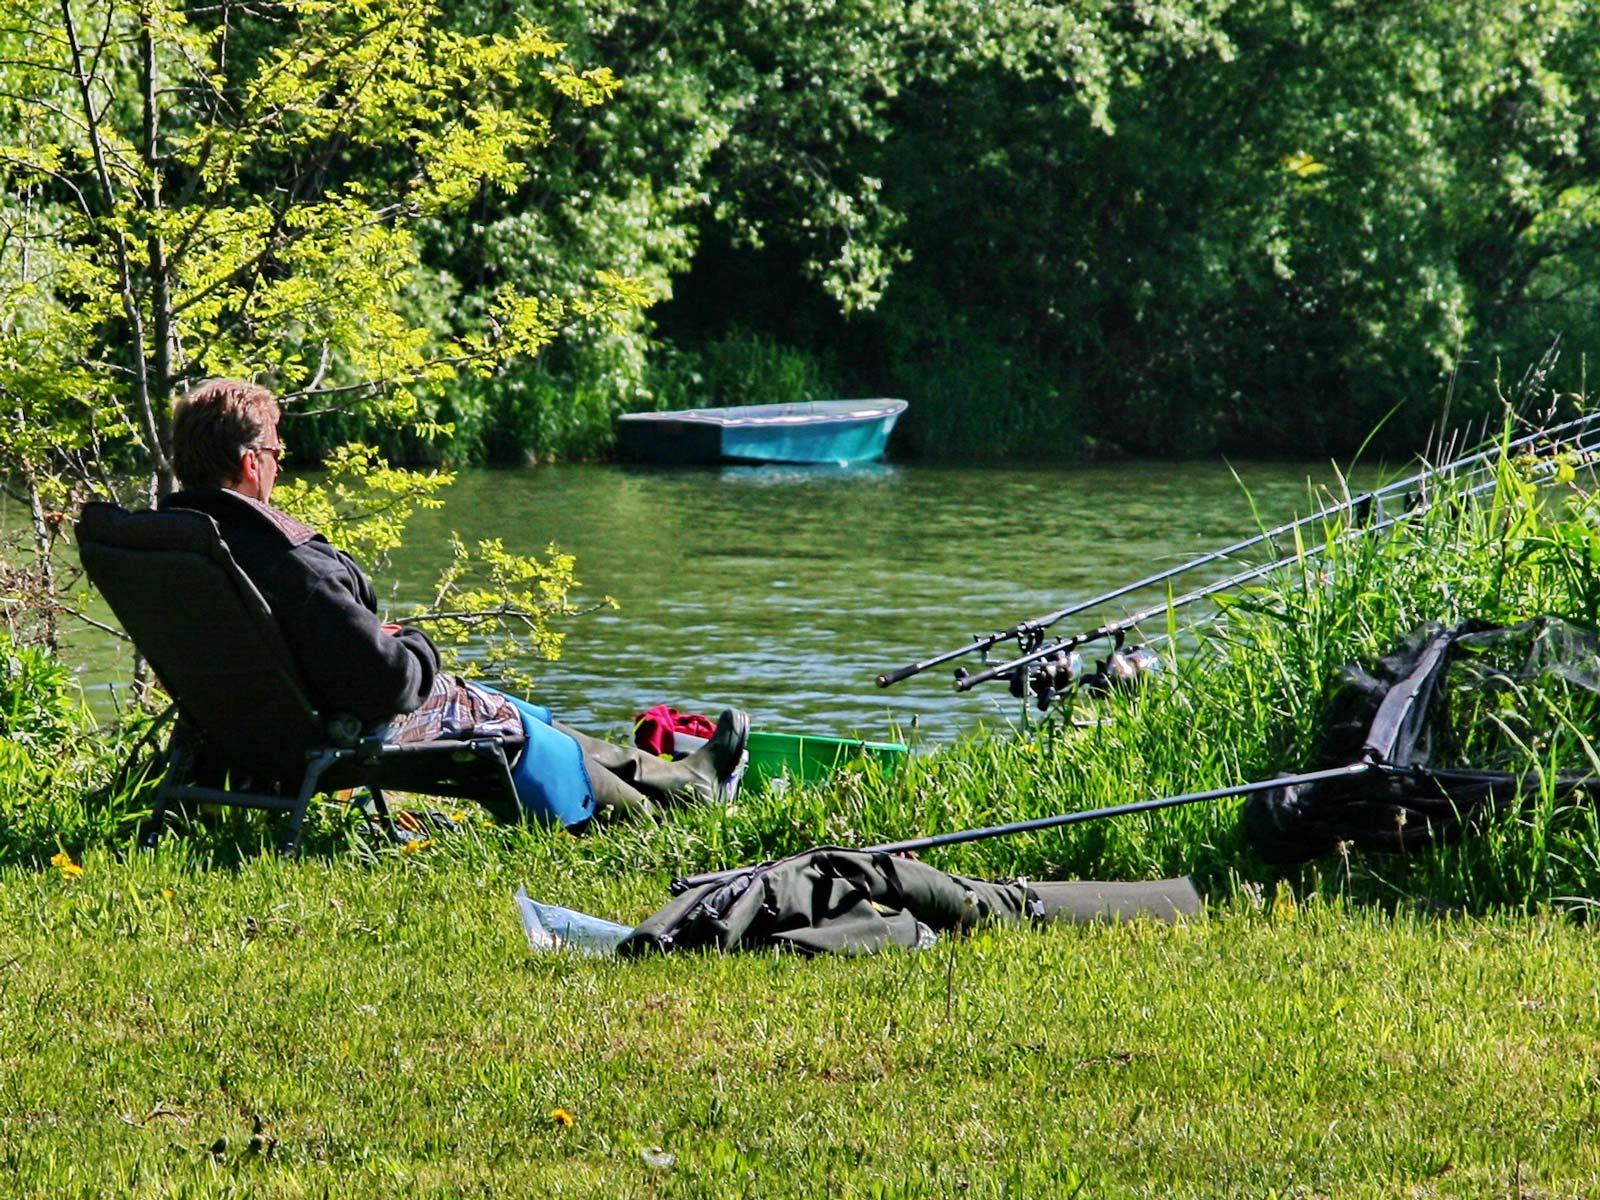 Chilliger Angler von Klaus-Peter Volkmann